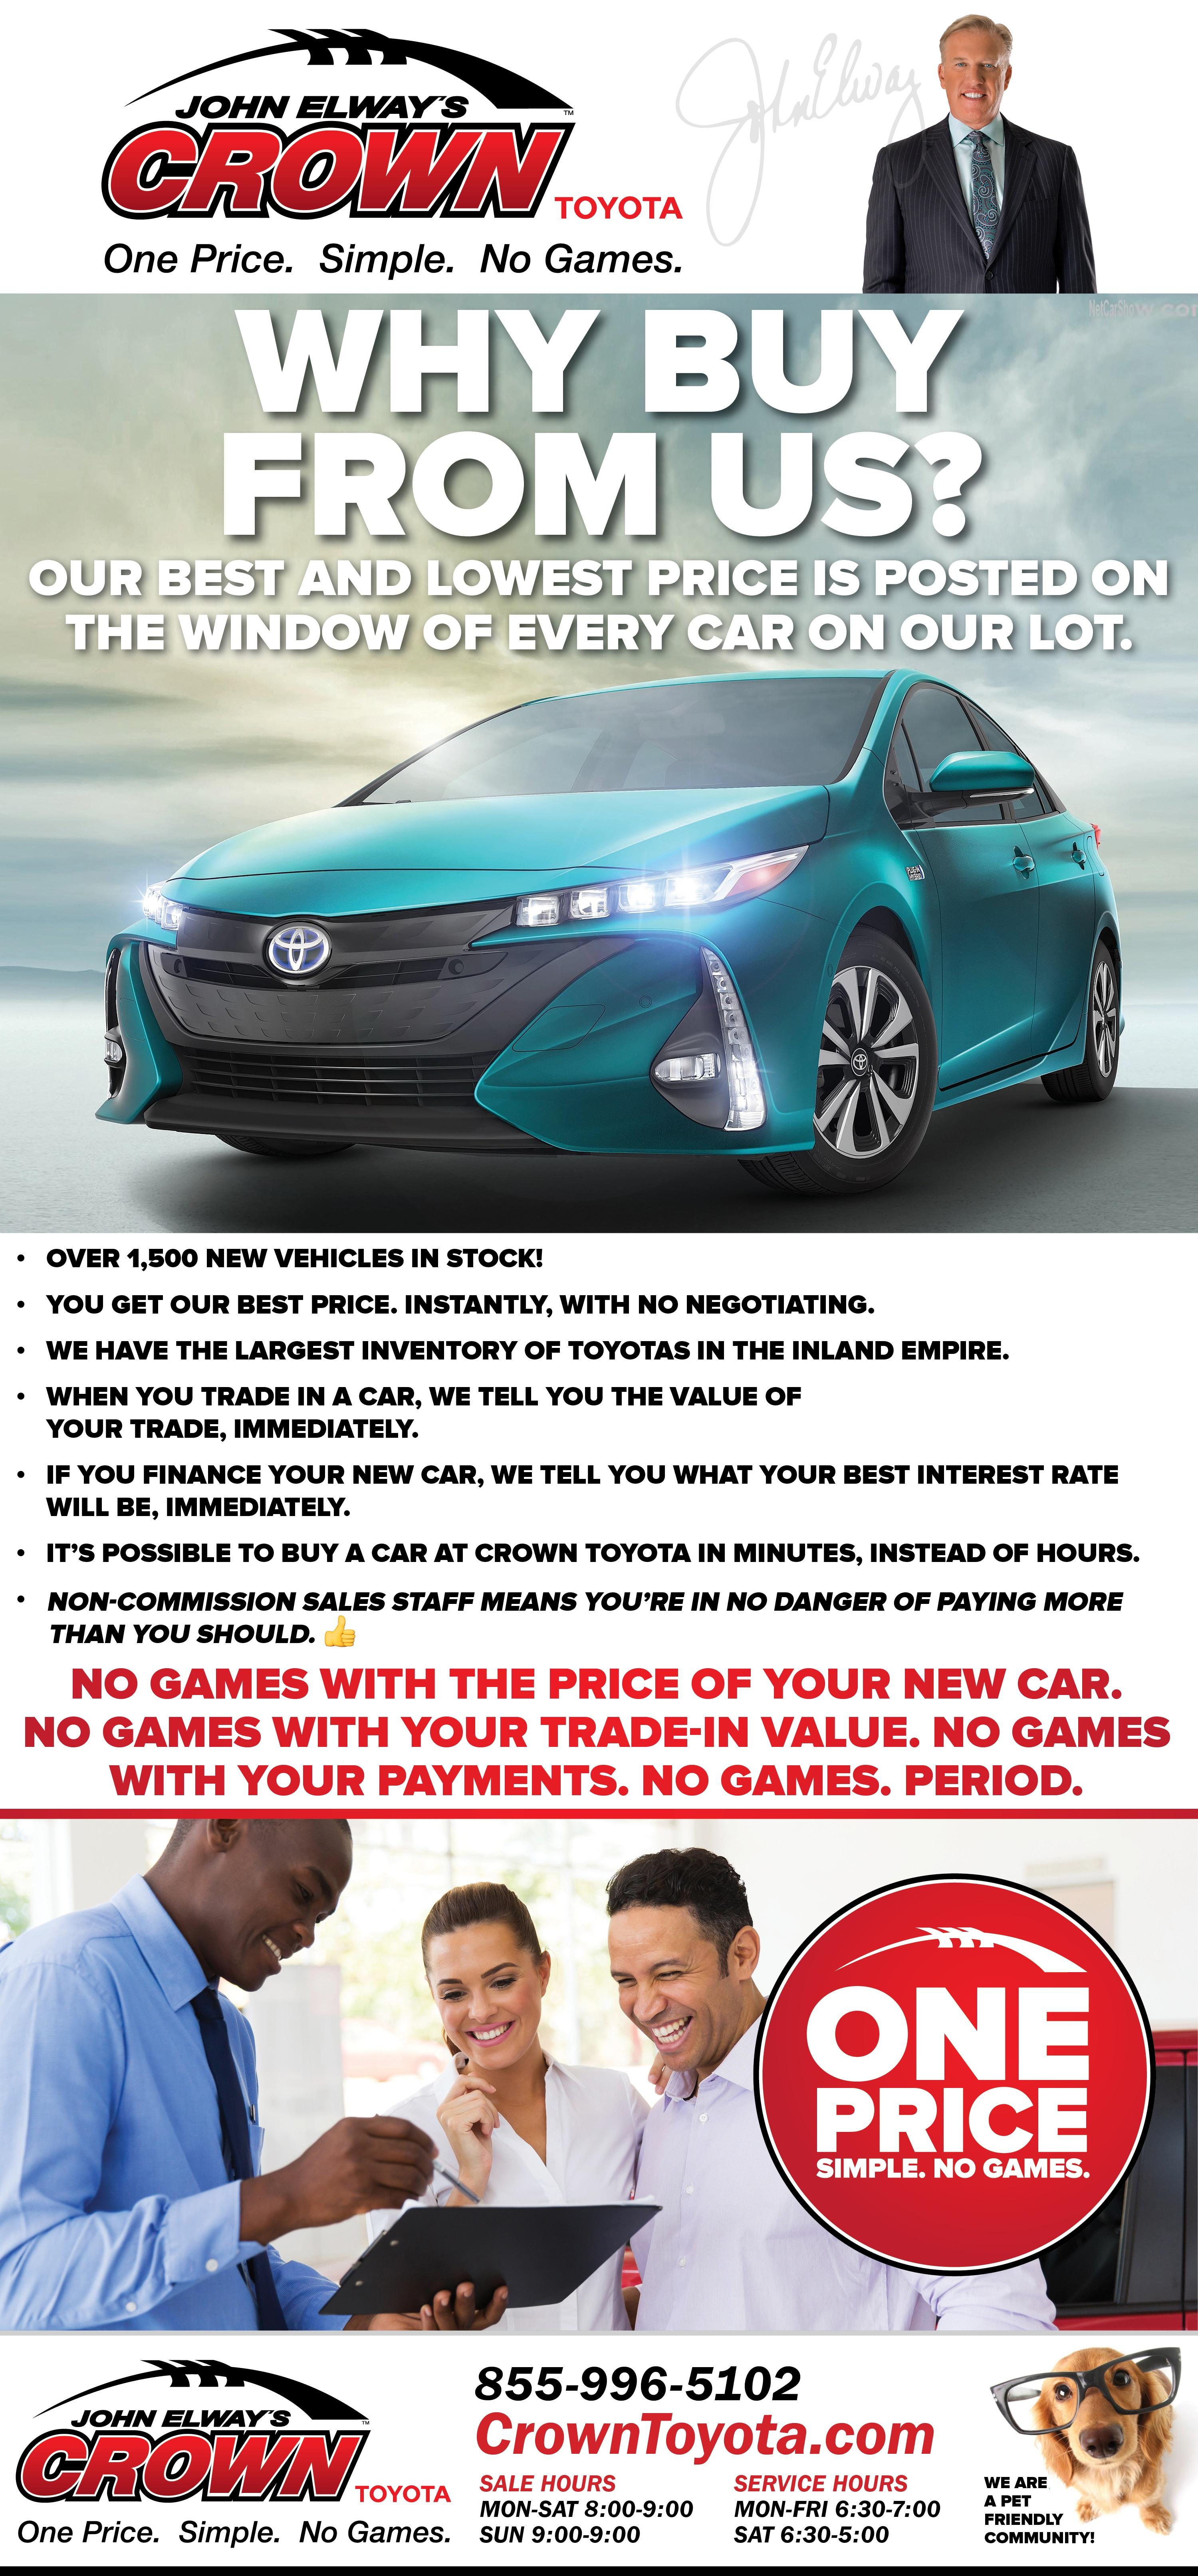 John Elway S Crown Toyota New Dealership In Ontario Ca